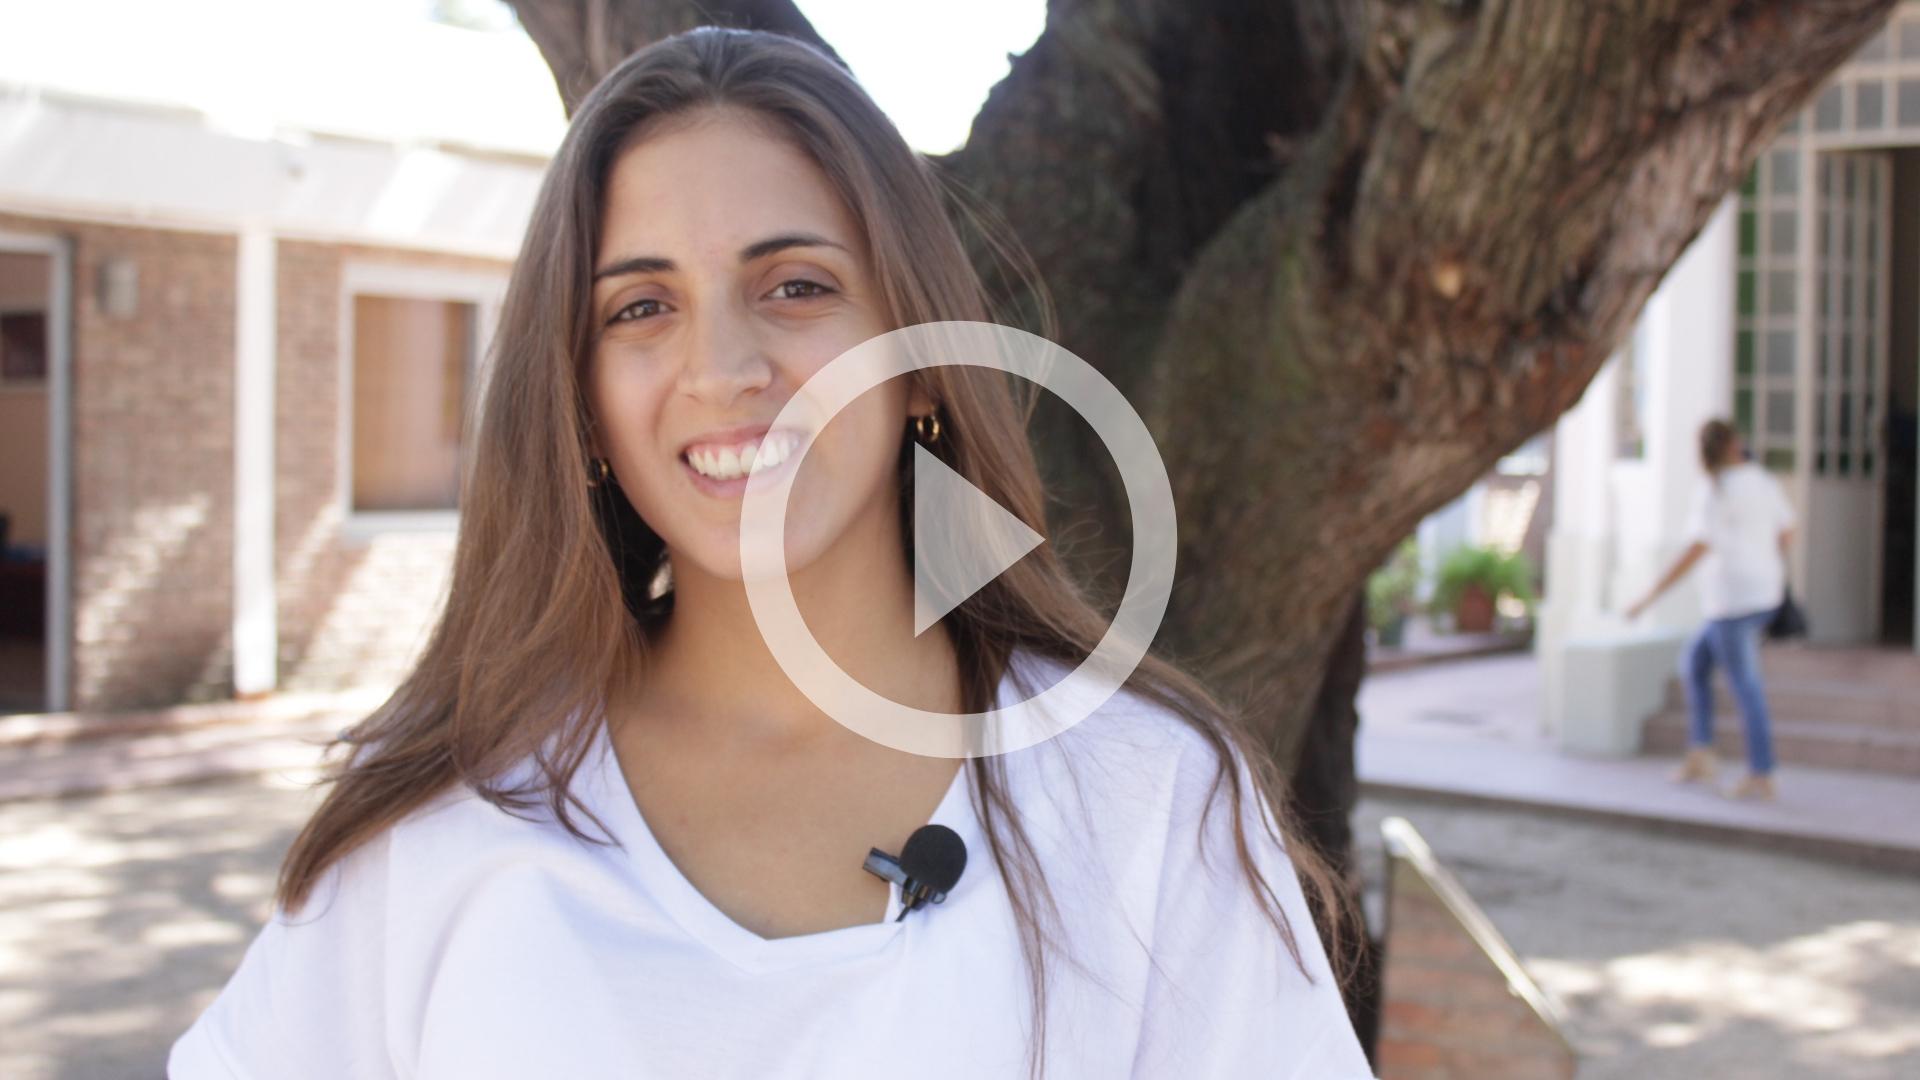 Pasantía: alumna de Ing. afianza sus conocimientos